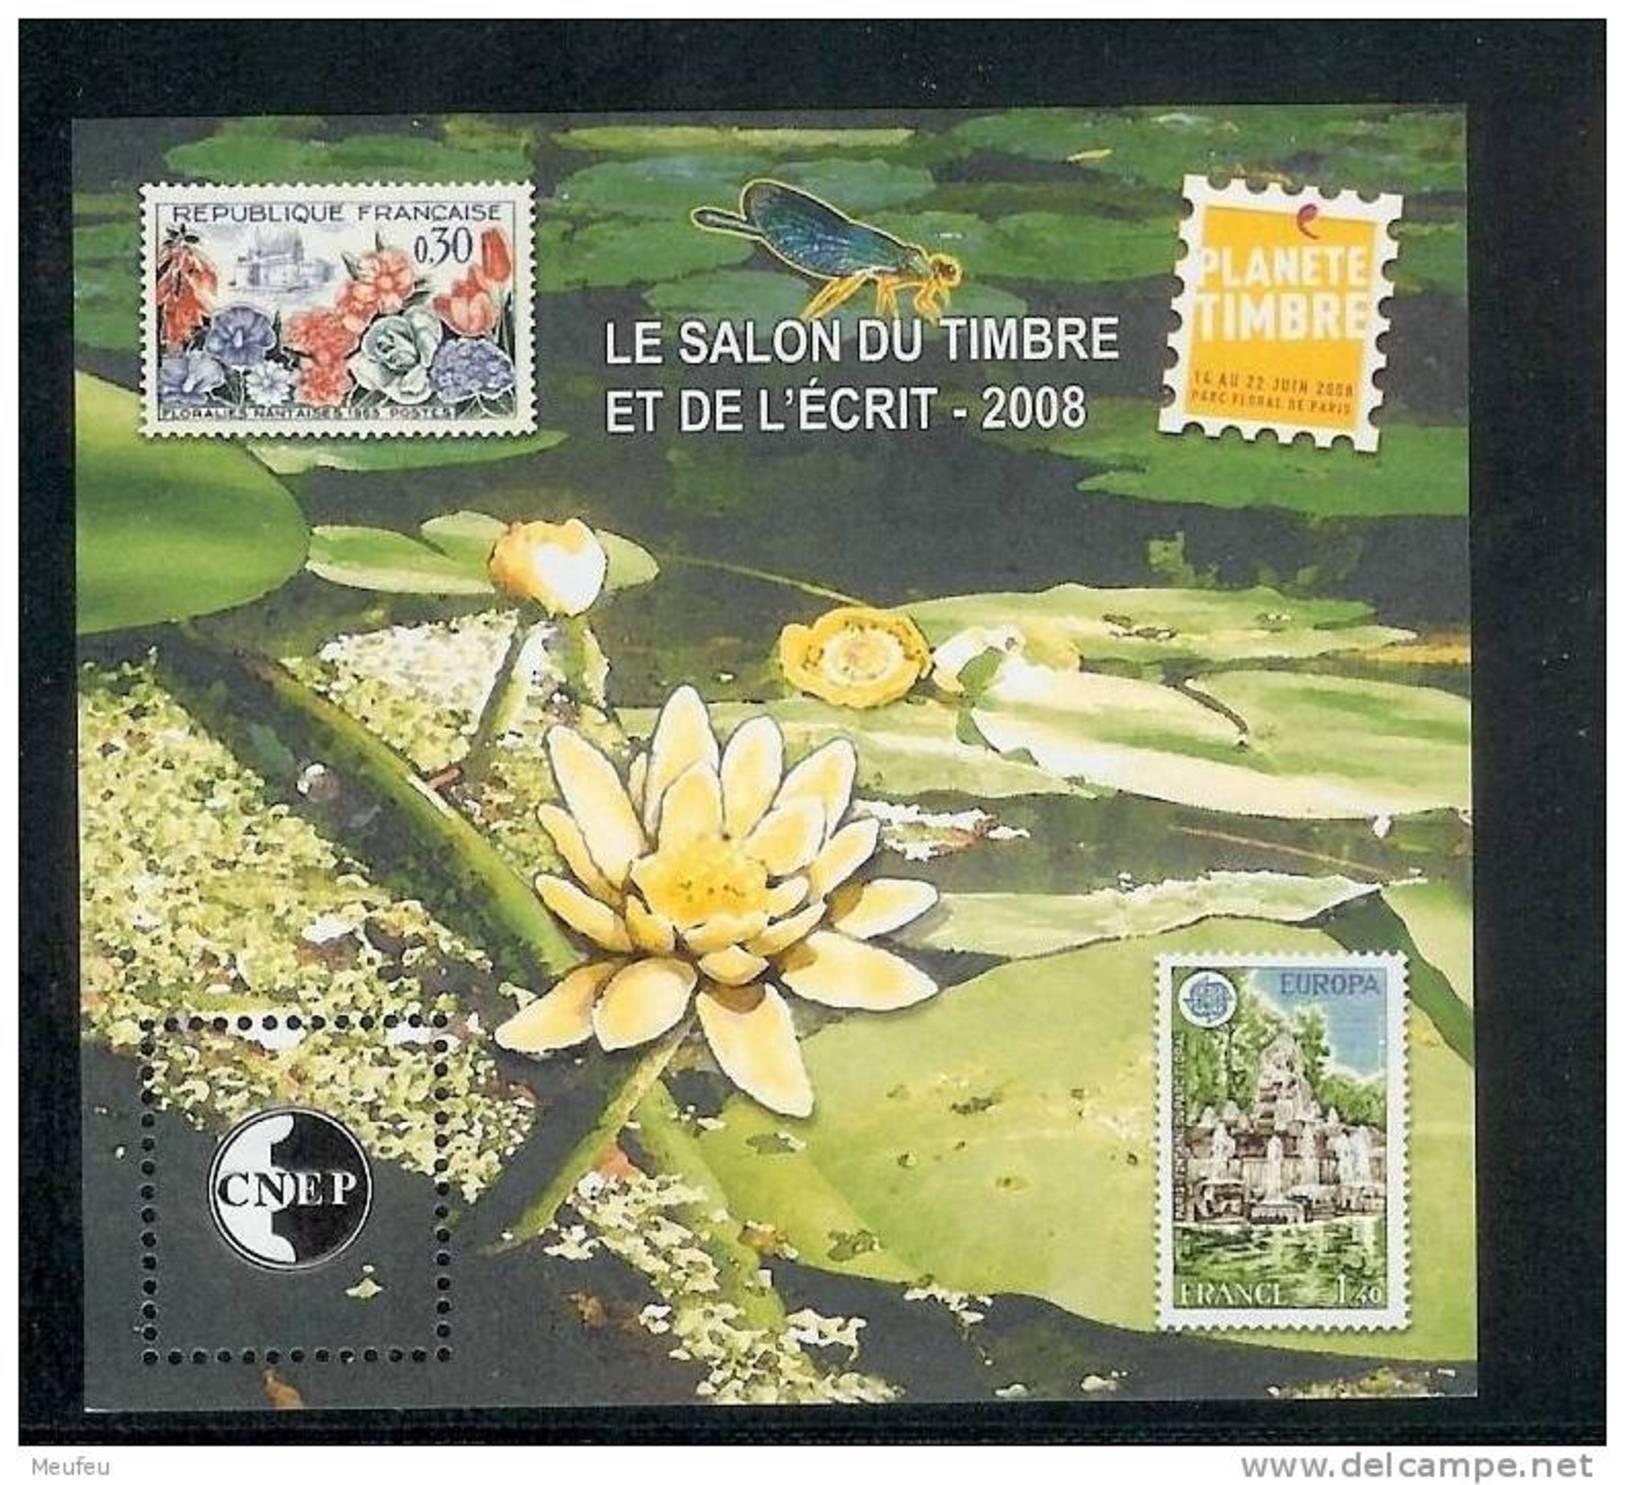 BLOC CNEP 2008 N° 51 - LE SALON DU TIMBRE ET DE L'ECRIT 2008 - CNEP